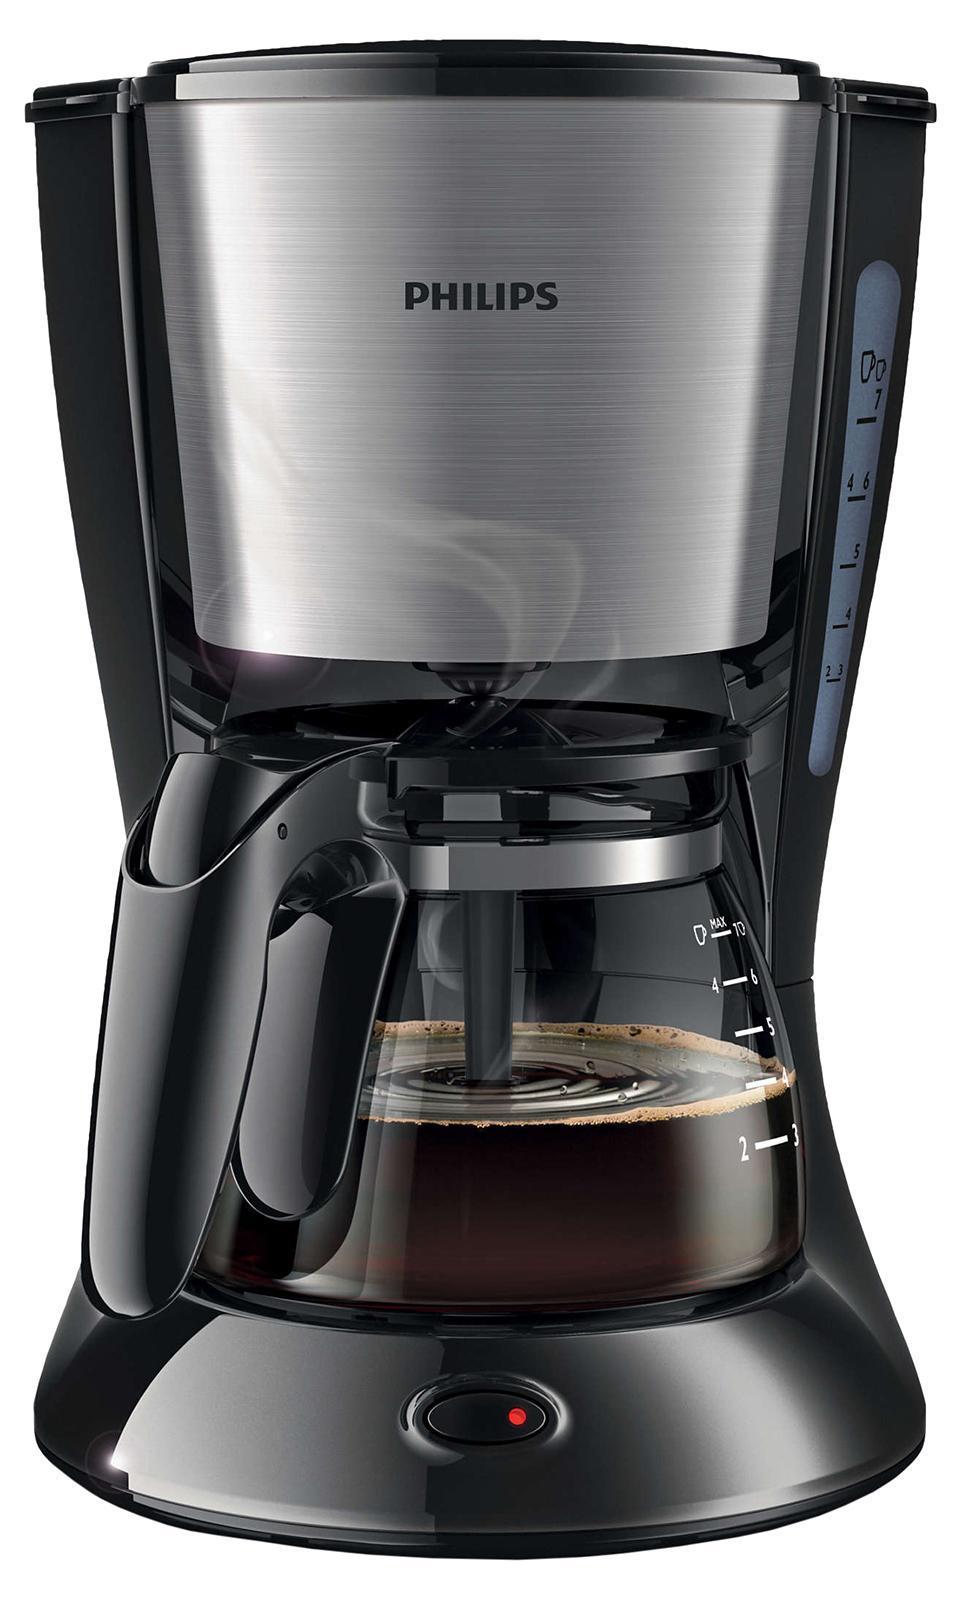 Philips HD7434/20 кофеваркаHD7434/20Функция AromaSwirl для насыщенного аромата кофе. Функция AromaSwirl перемешиваеткофе для создания насыщенного вкуса и аромата. Система капля-стоп позволяет в любой момент прервать приготовление иналить в чашку ароматный кофе Удобство очистки: съемные частиможно мыть в посудомоечной машине. Для удобной очистки все деталиэтой кофеварки Philips можно мыть в посудомоечной машине.